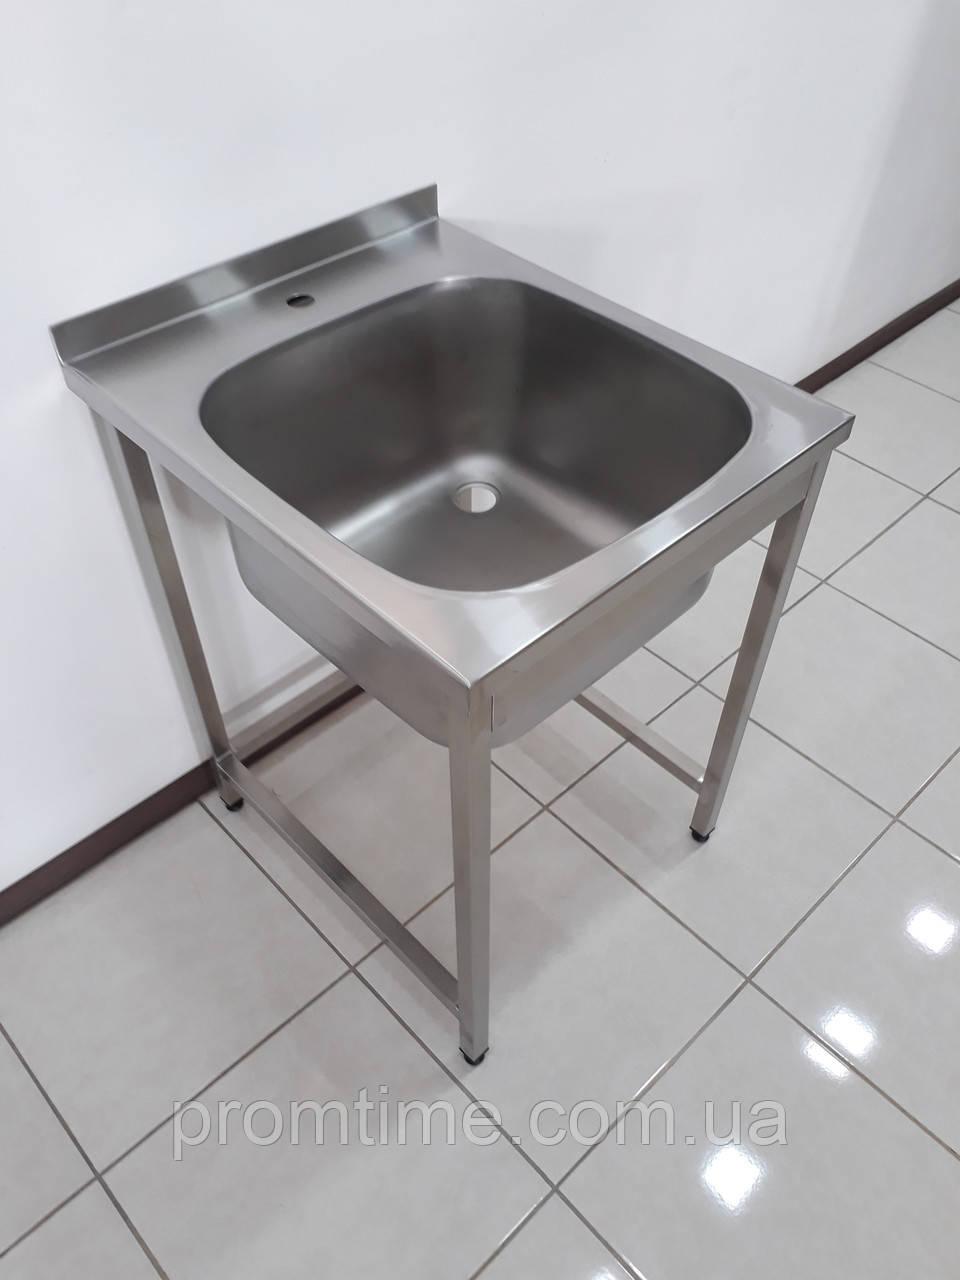 Ванна моечная (Цельнотянутая) 600х700х850